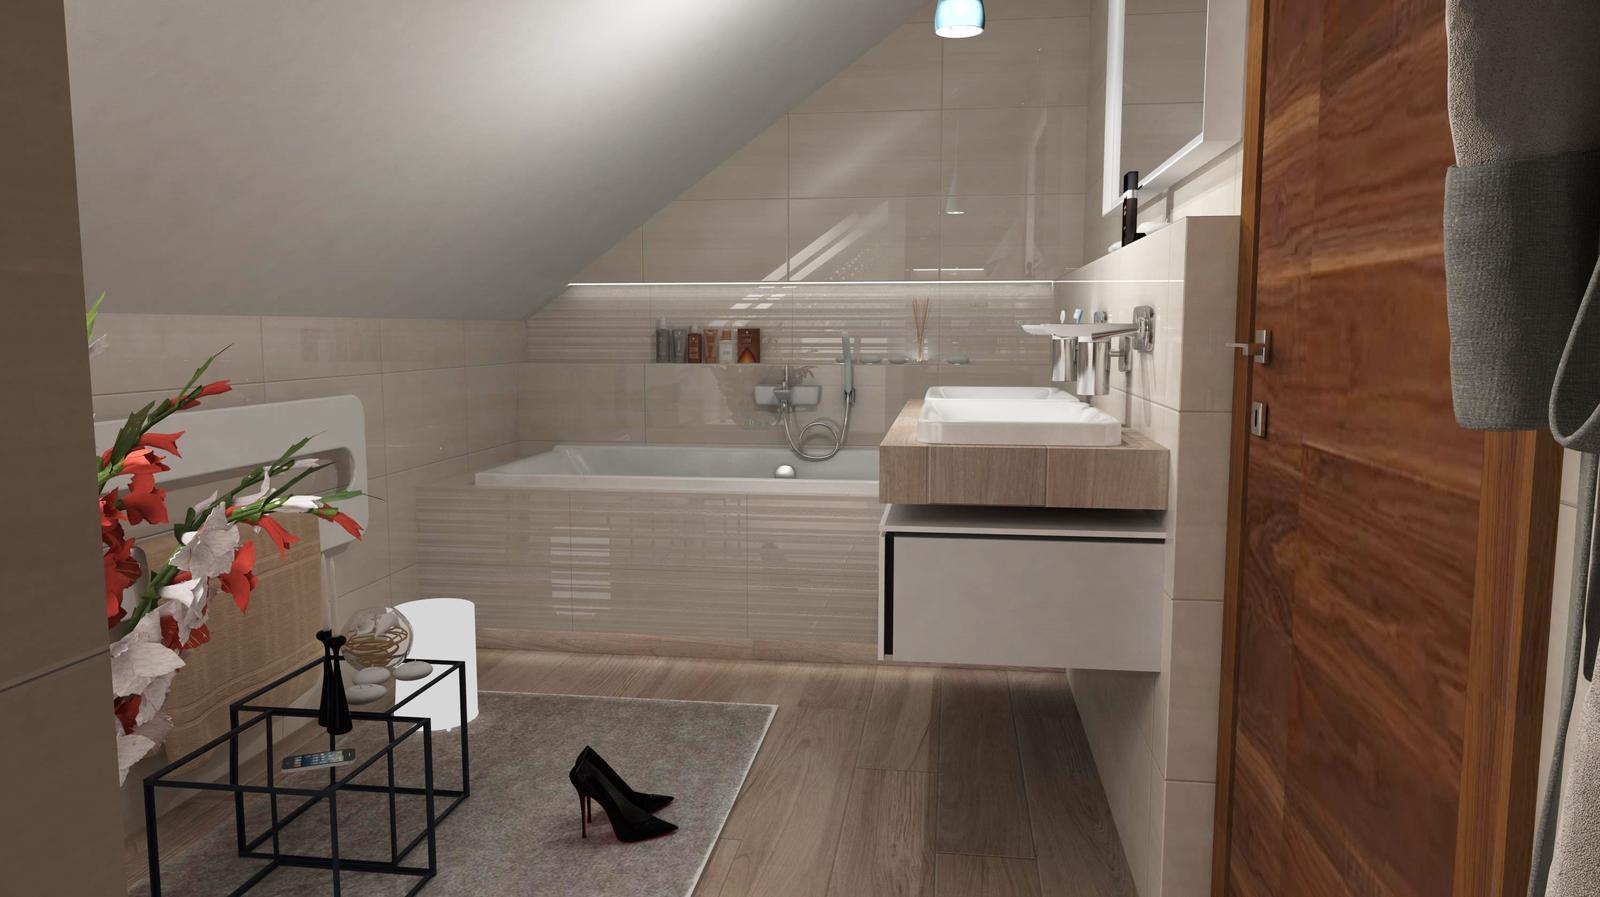 Vizualizácie kúpeľní - Obrázok č. 89